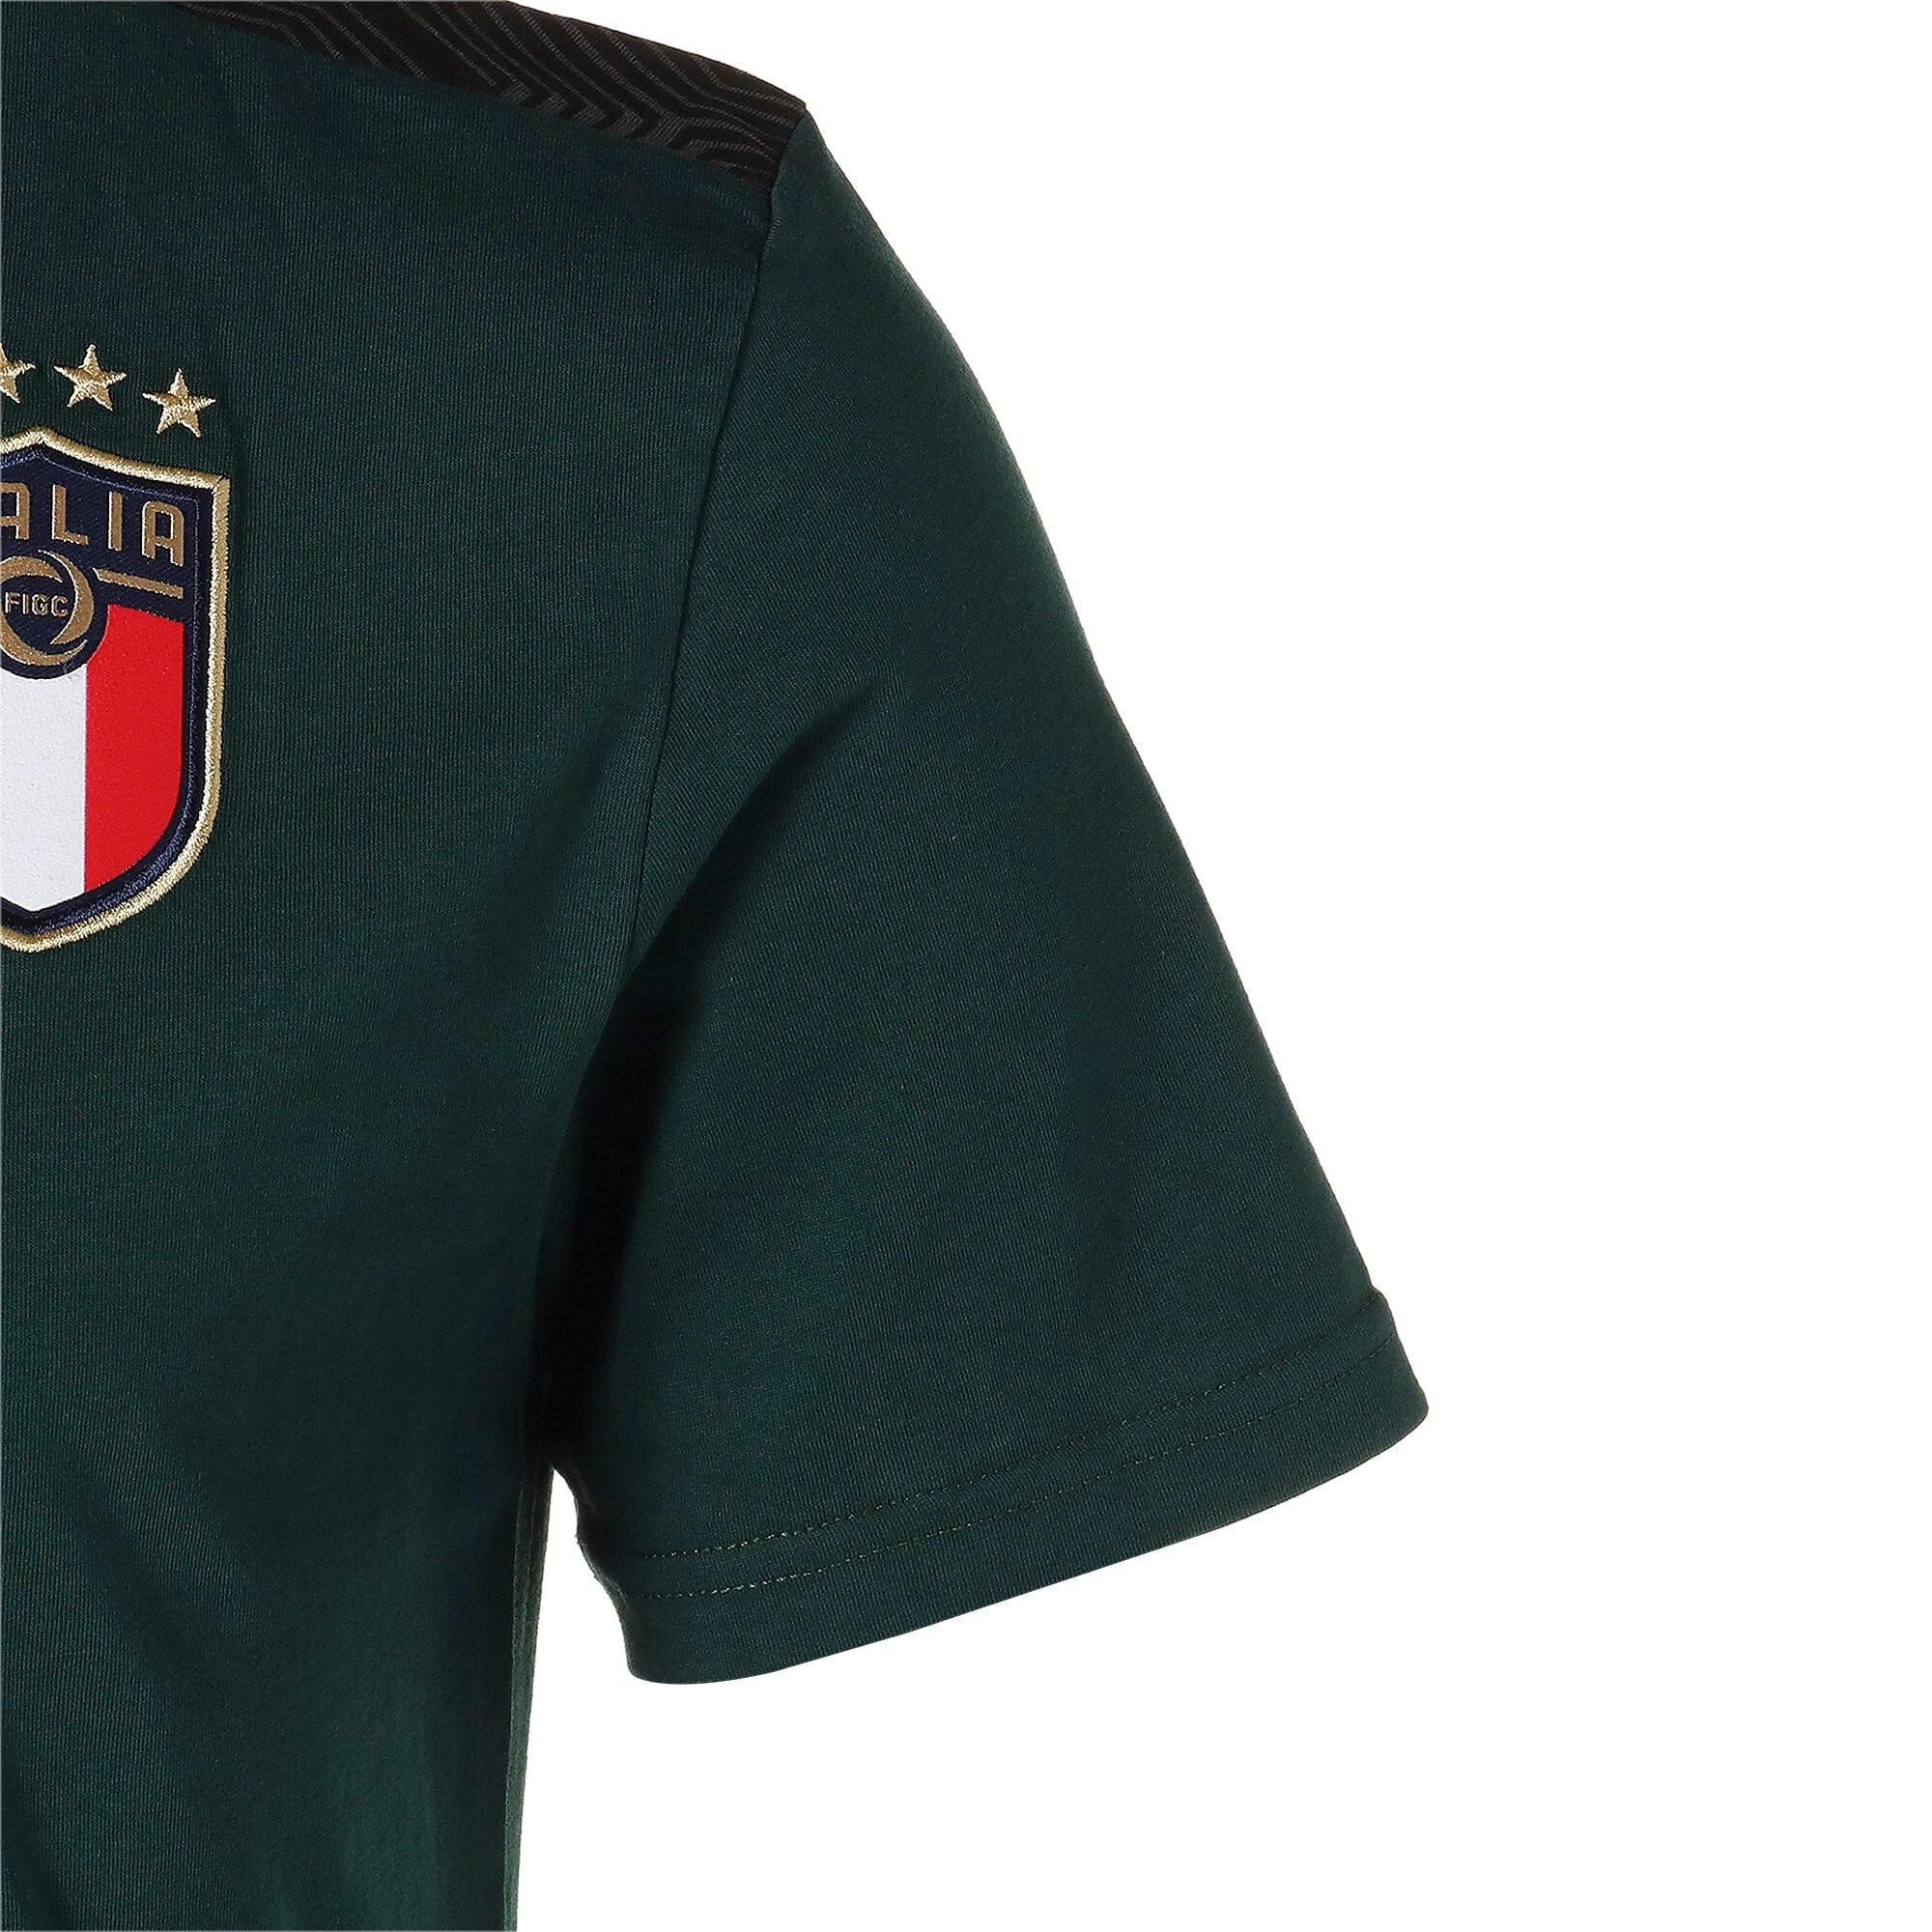 Thumbnail 5 of FIGC イタリア カジュアル Tシャツ 半袖, Ponderosa Pine-Peacoat, medium-JPN